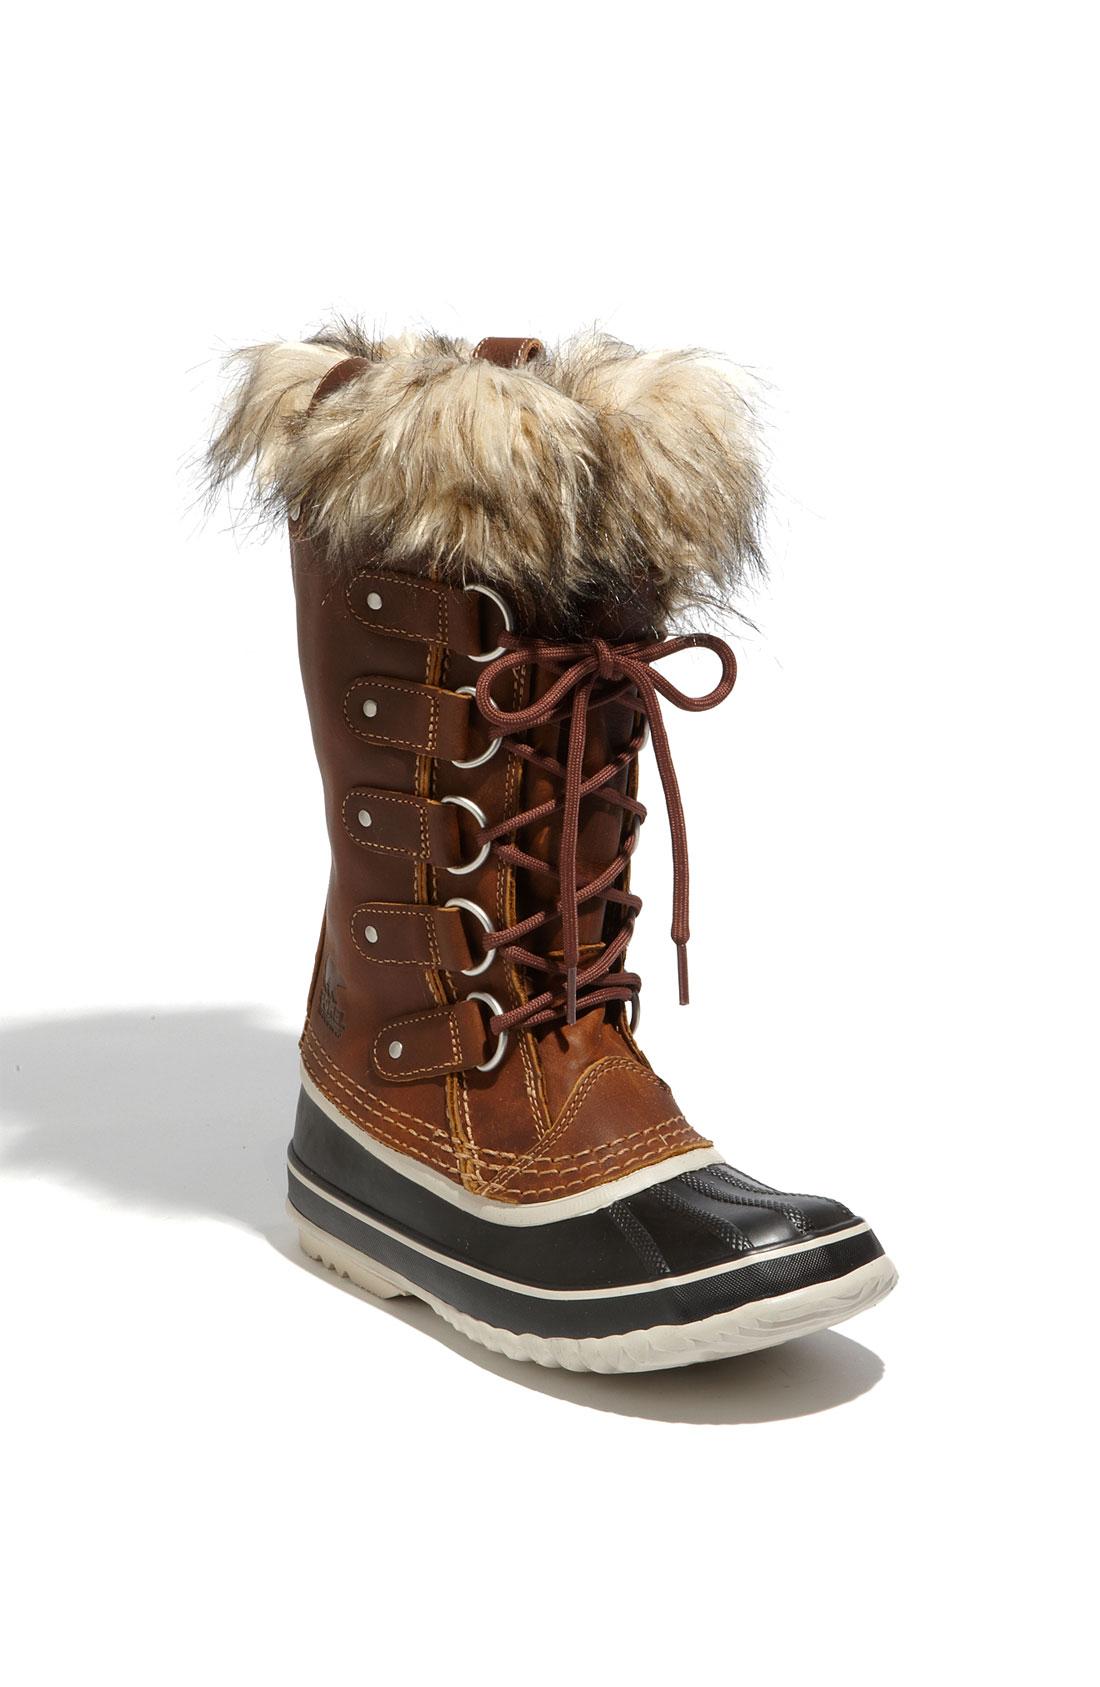 Sorel 174 Women ́s Winter Fancy Lace Ii Waterproof Boots In